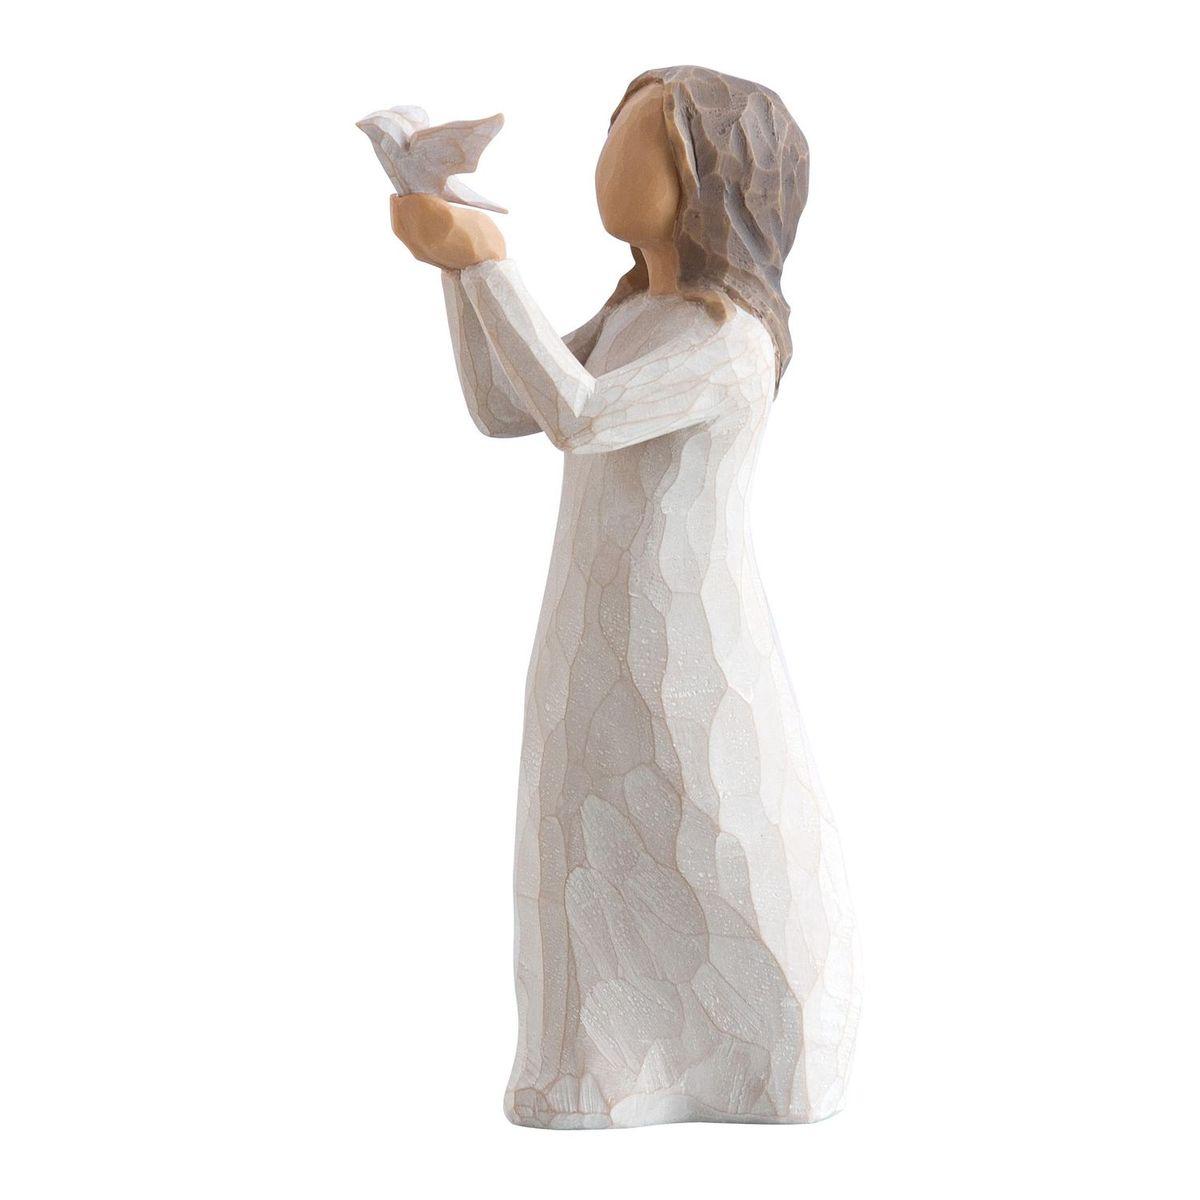 Фигурка Willow Tree Воспарить, 10 см27173Эти прекрасные статуэтки созданы канадским скульптором Сьюзан Лорди. Каждая фигурка – это настоящее произведение искусства, образная скульптура в миниатюре, изображающая эмоции и чувства, которые помогают нам чувствовать себя ближе к другим, верить в мечту, выражать любовь. Каждая фигурка помещена в красивую упаковку. Купить такой оригинальный подарок, значит не только украсить интерьер помещения или жилой комнаты, но выразить свое глубокое отношение к любимому человеку. Этот прекрасный сувенир будет лучшим подарком на день ангела, именины, день рождения, юбилей. Материал: Искусственный камень (49% карбонат кальция мелкозернистой разновидности, 51% искусственный камень)